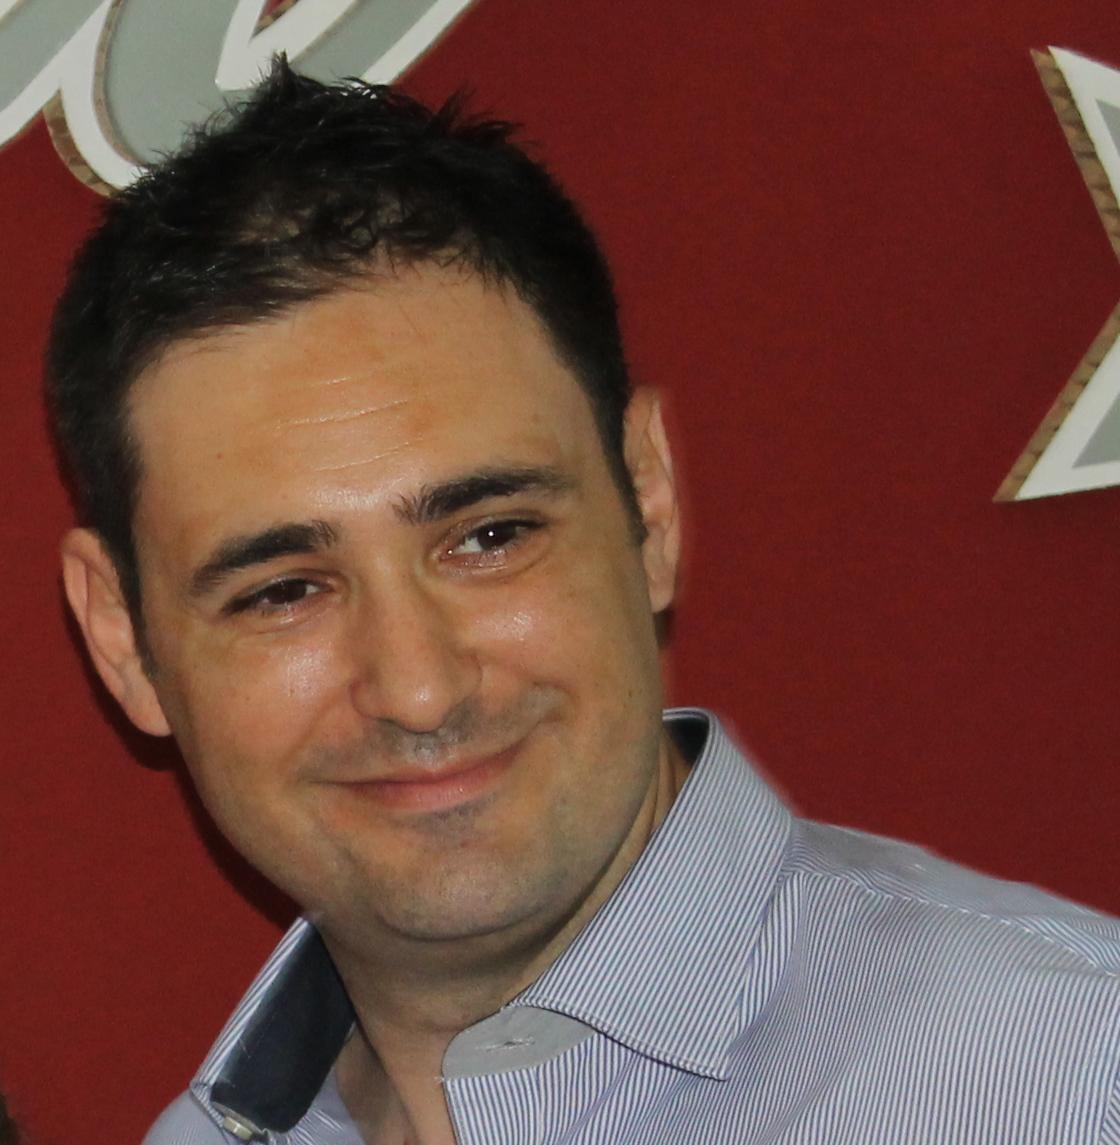 Maurizio Garozzo